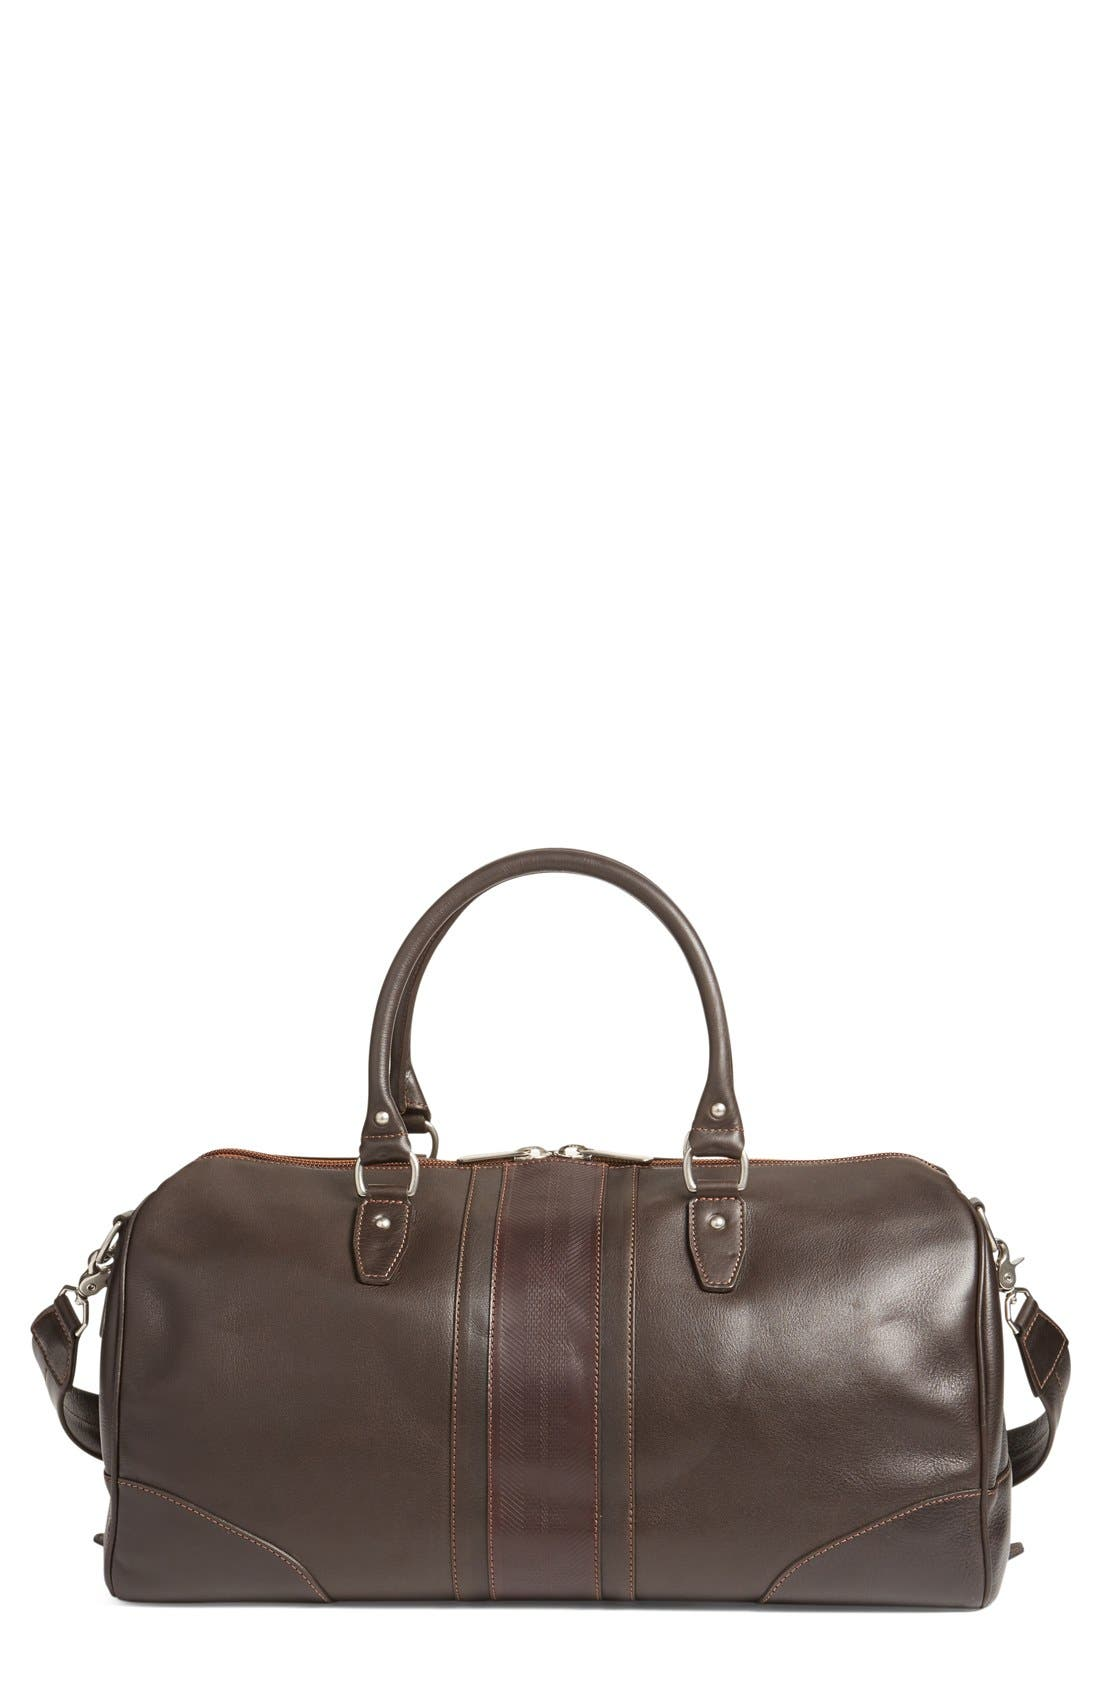 MARTIN DINGMAN Polocrosse Duffel Bag